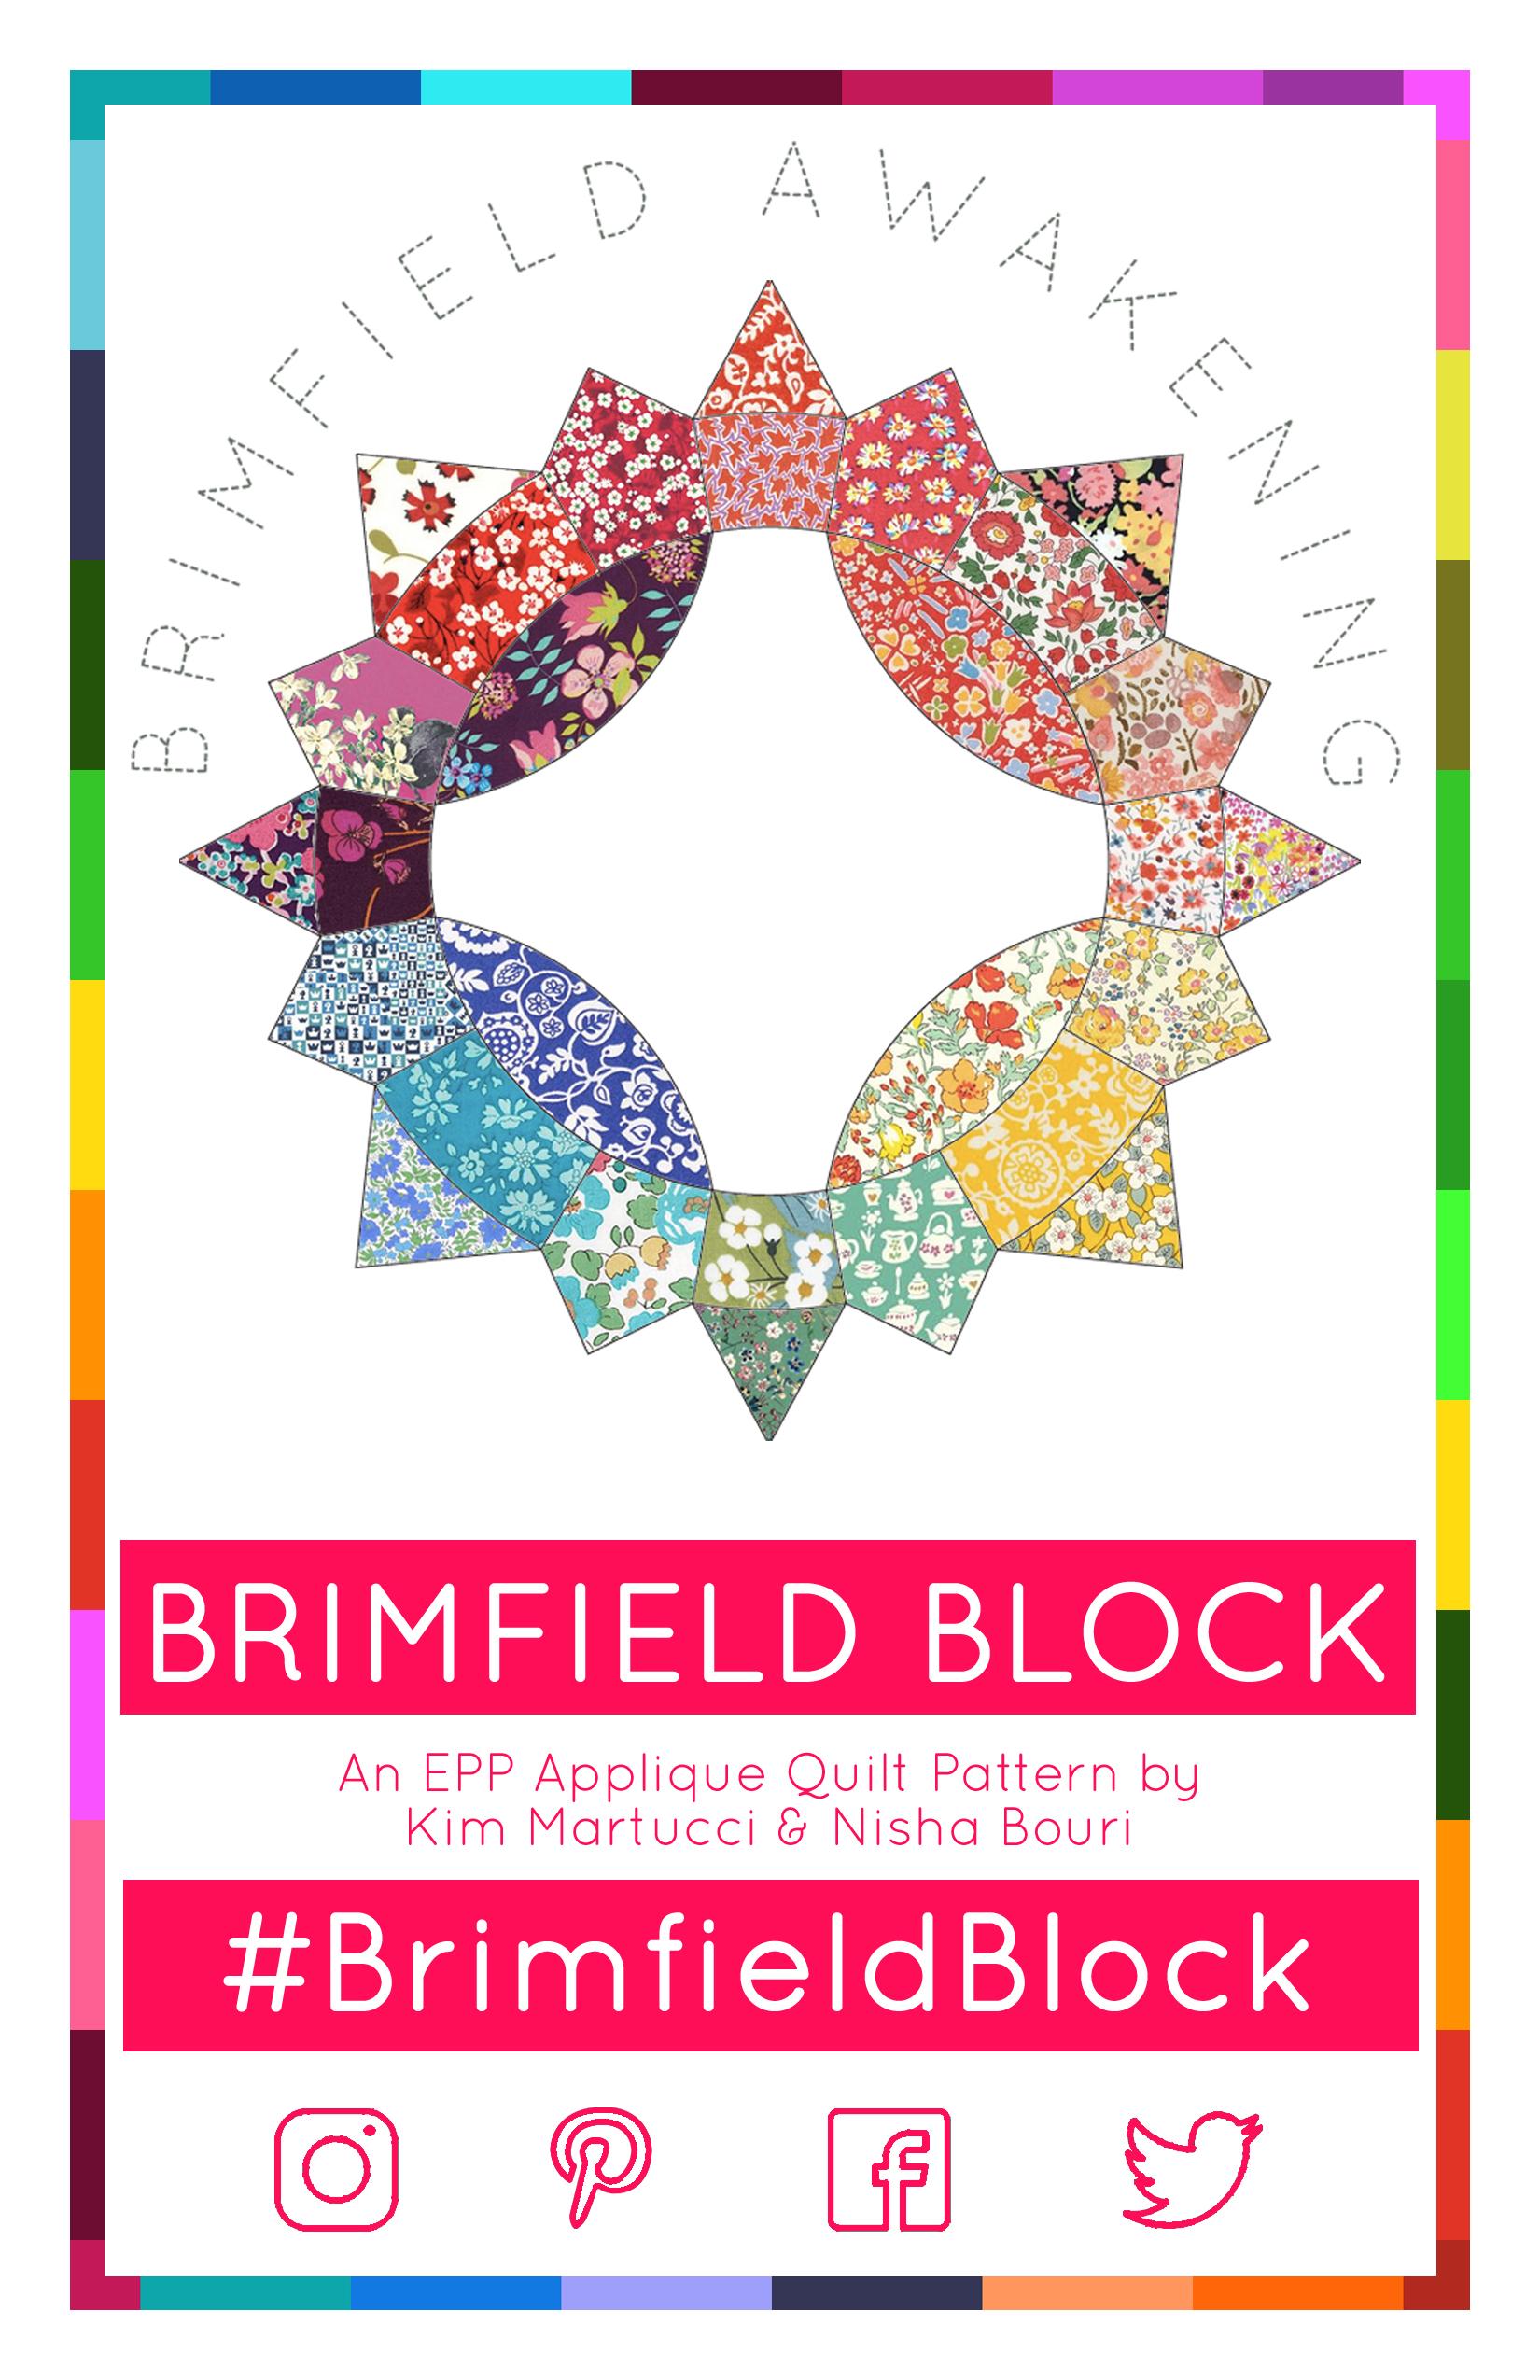 Brimfield Block Pattern by Kim Martucci & Nisha Bouri